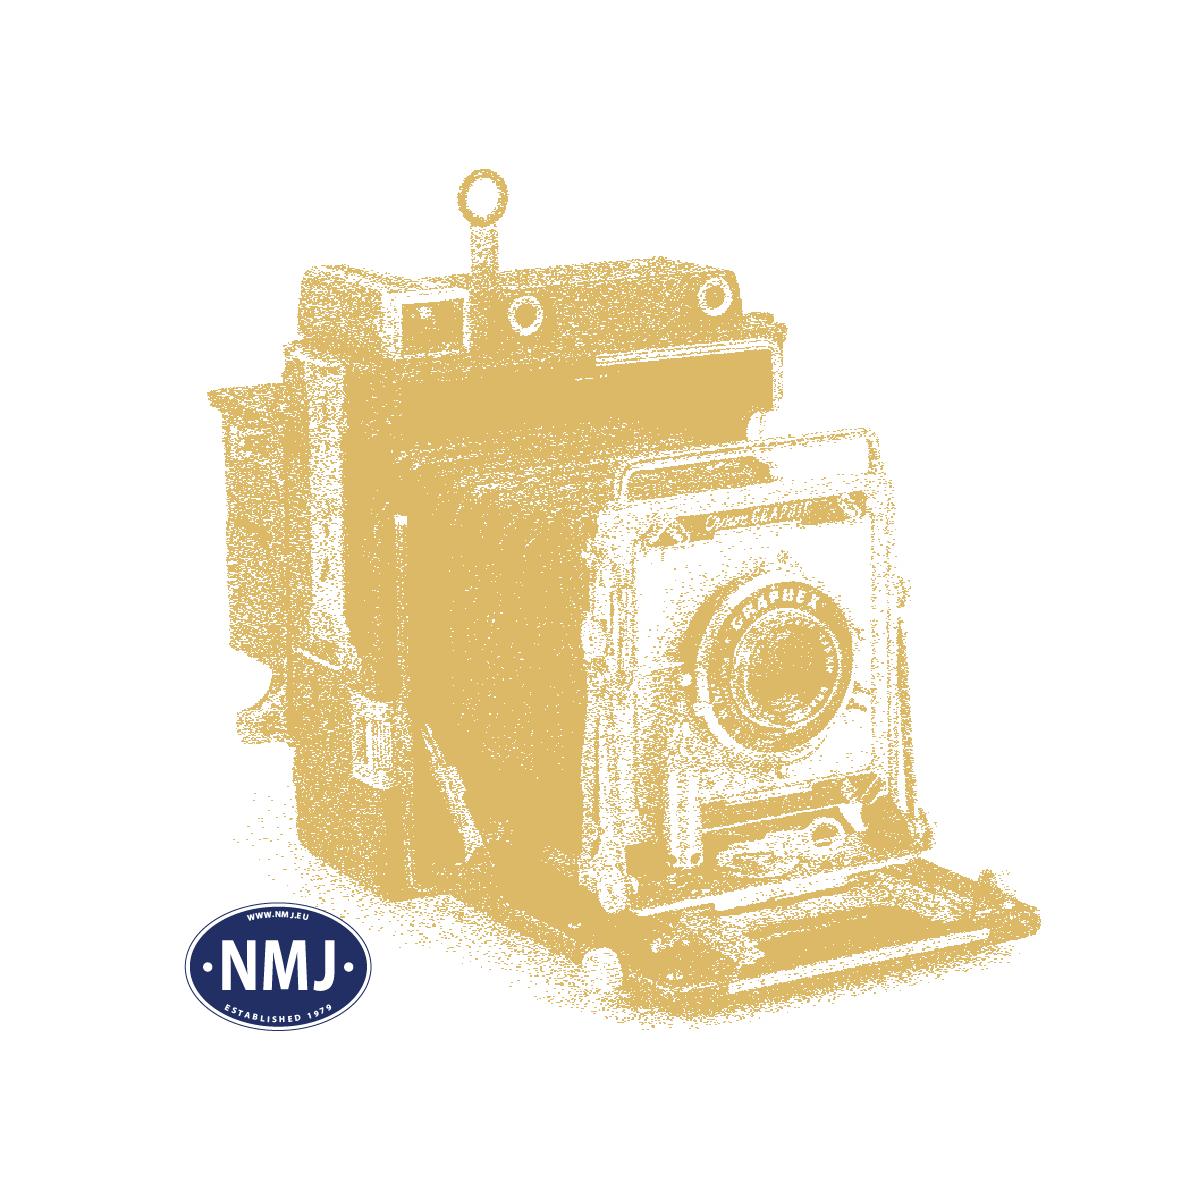 NMJT94001 - NMJ Topline SJ Y1 1309, Oransje, DCC m/ Lyd